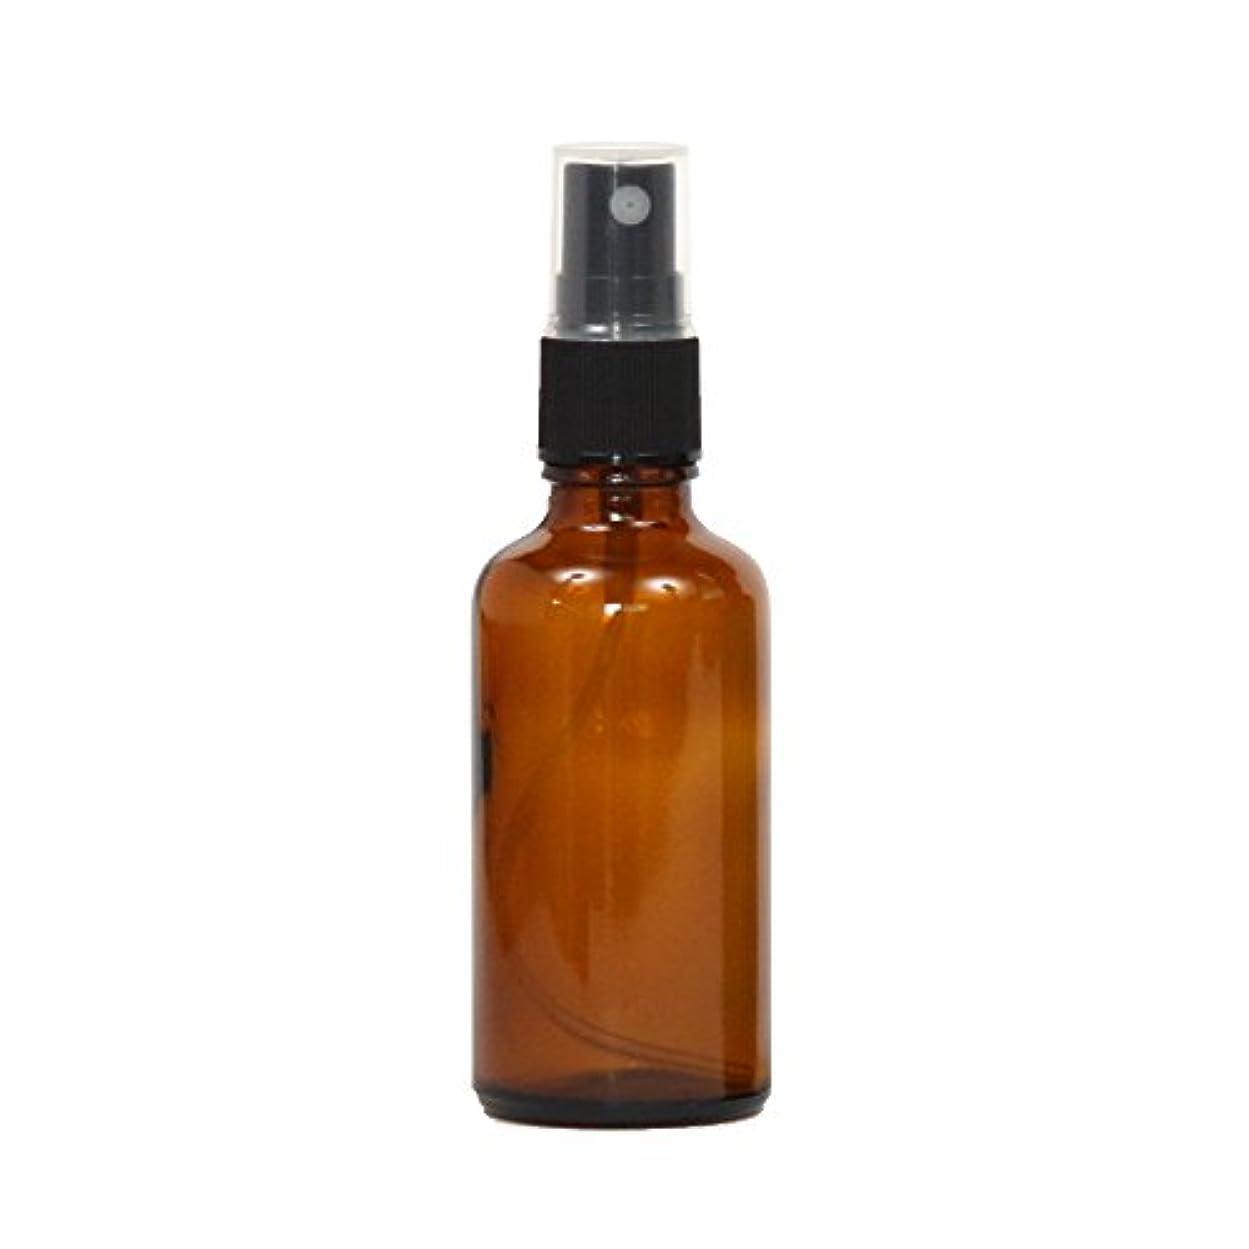 分布入射拡声器スプレーボトル ガラス瓶 50mL 遮光性ブラウン(アンバー) おしゃれアトマイザー ミスト空容器br50g